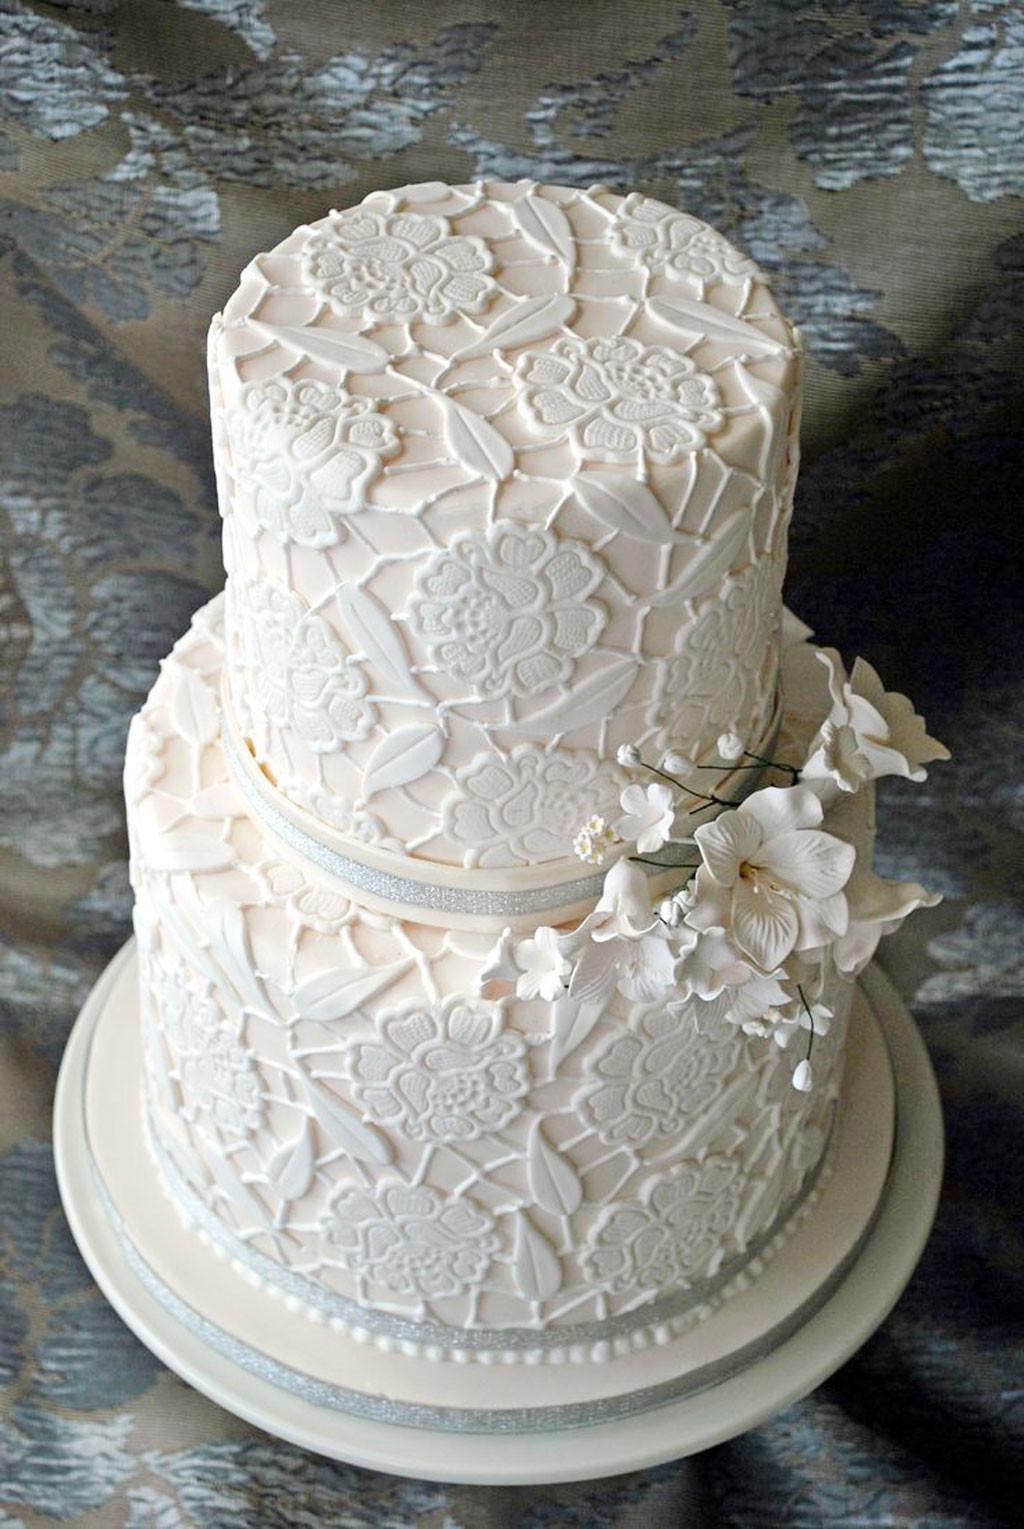 2 Layers Wedding Cakes  Double Layer Wedding Cake Pic 6 Wedding Cake Cake Ideas